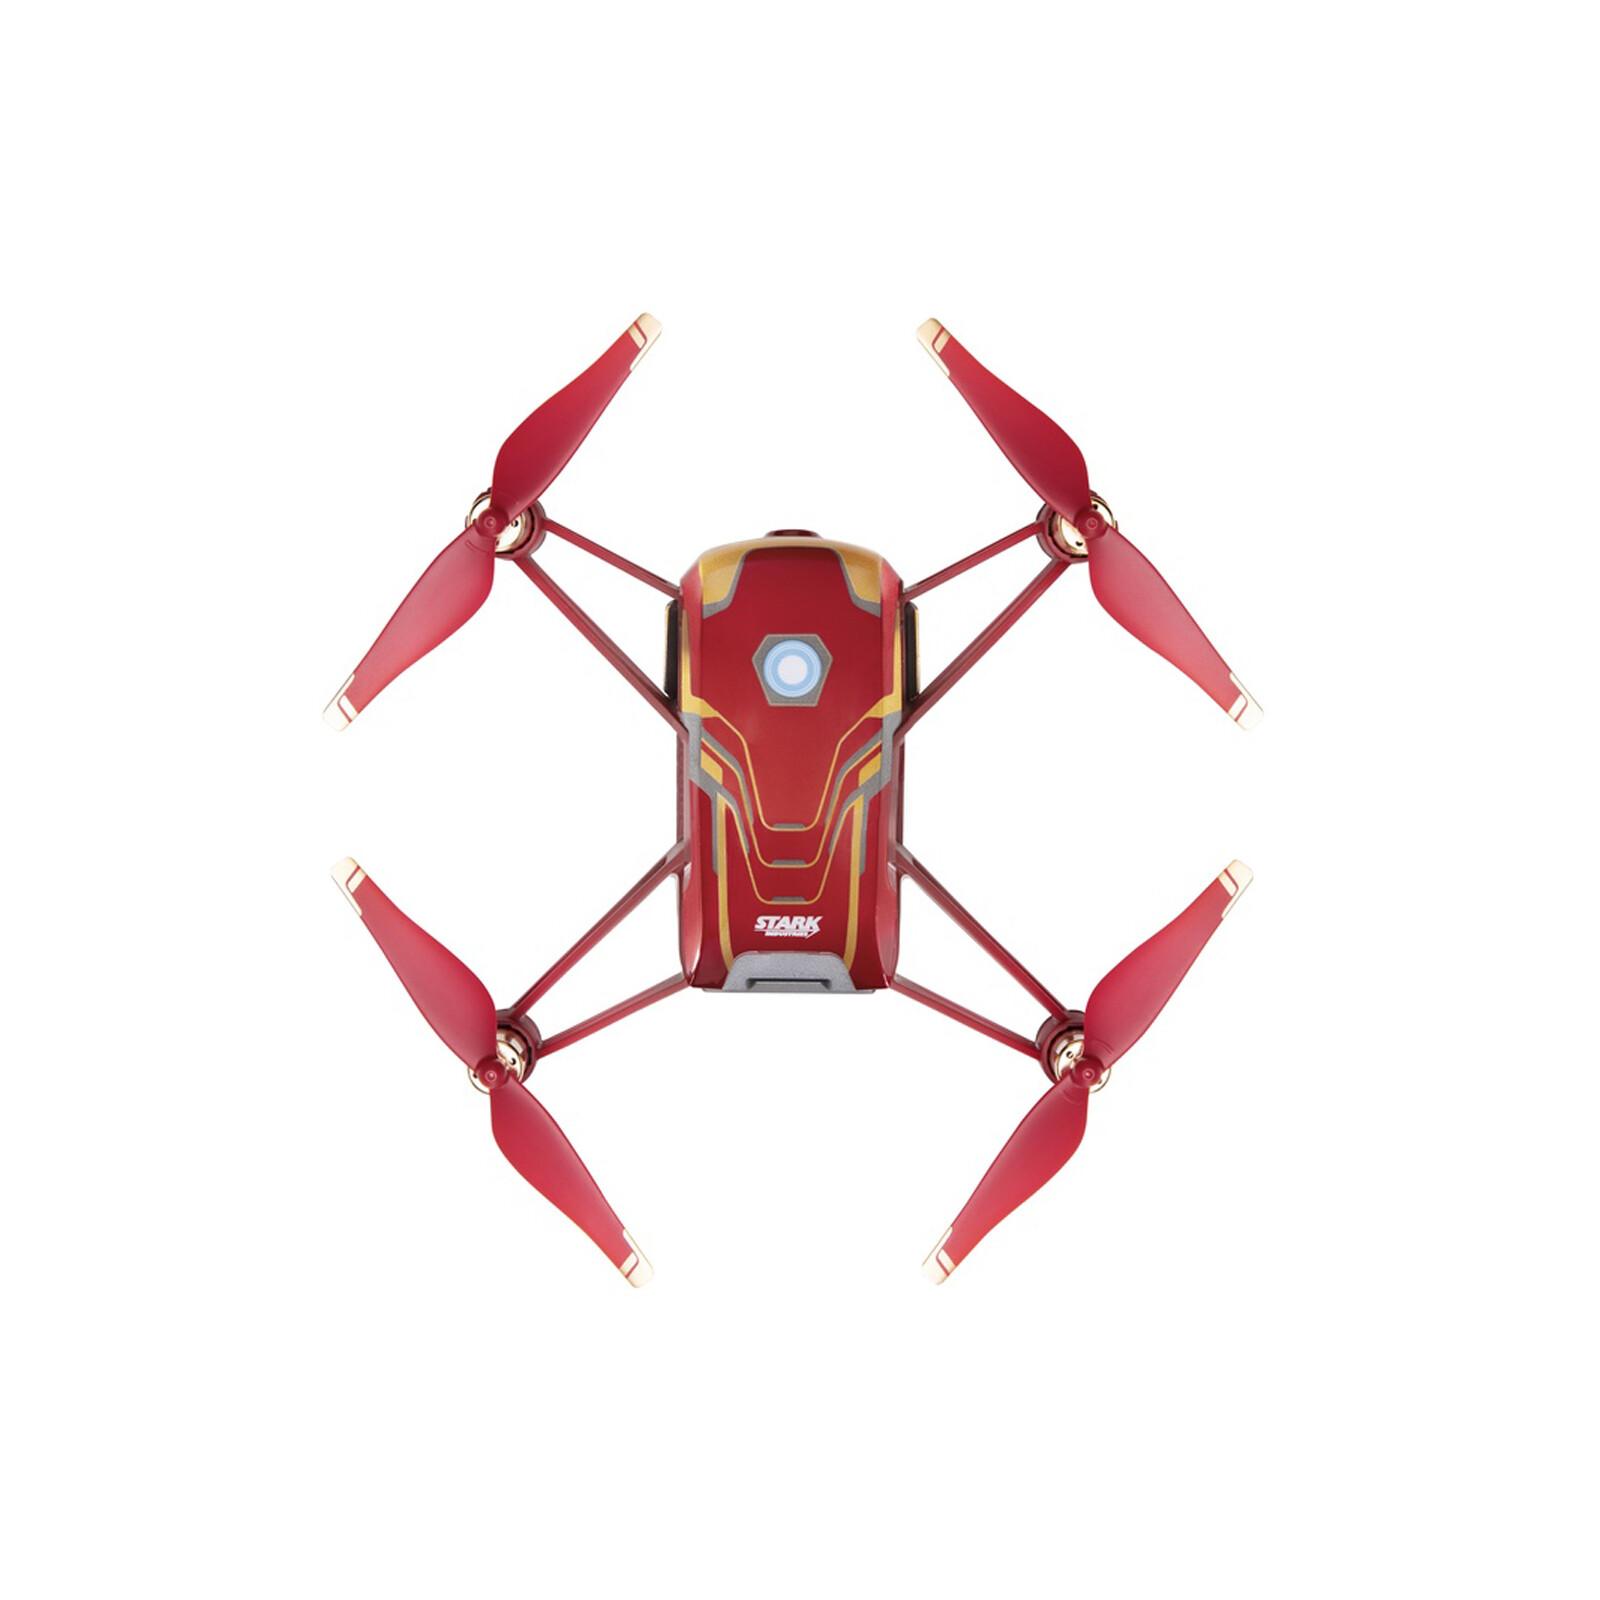 Ryze Tello Iron Man Edition